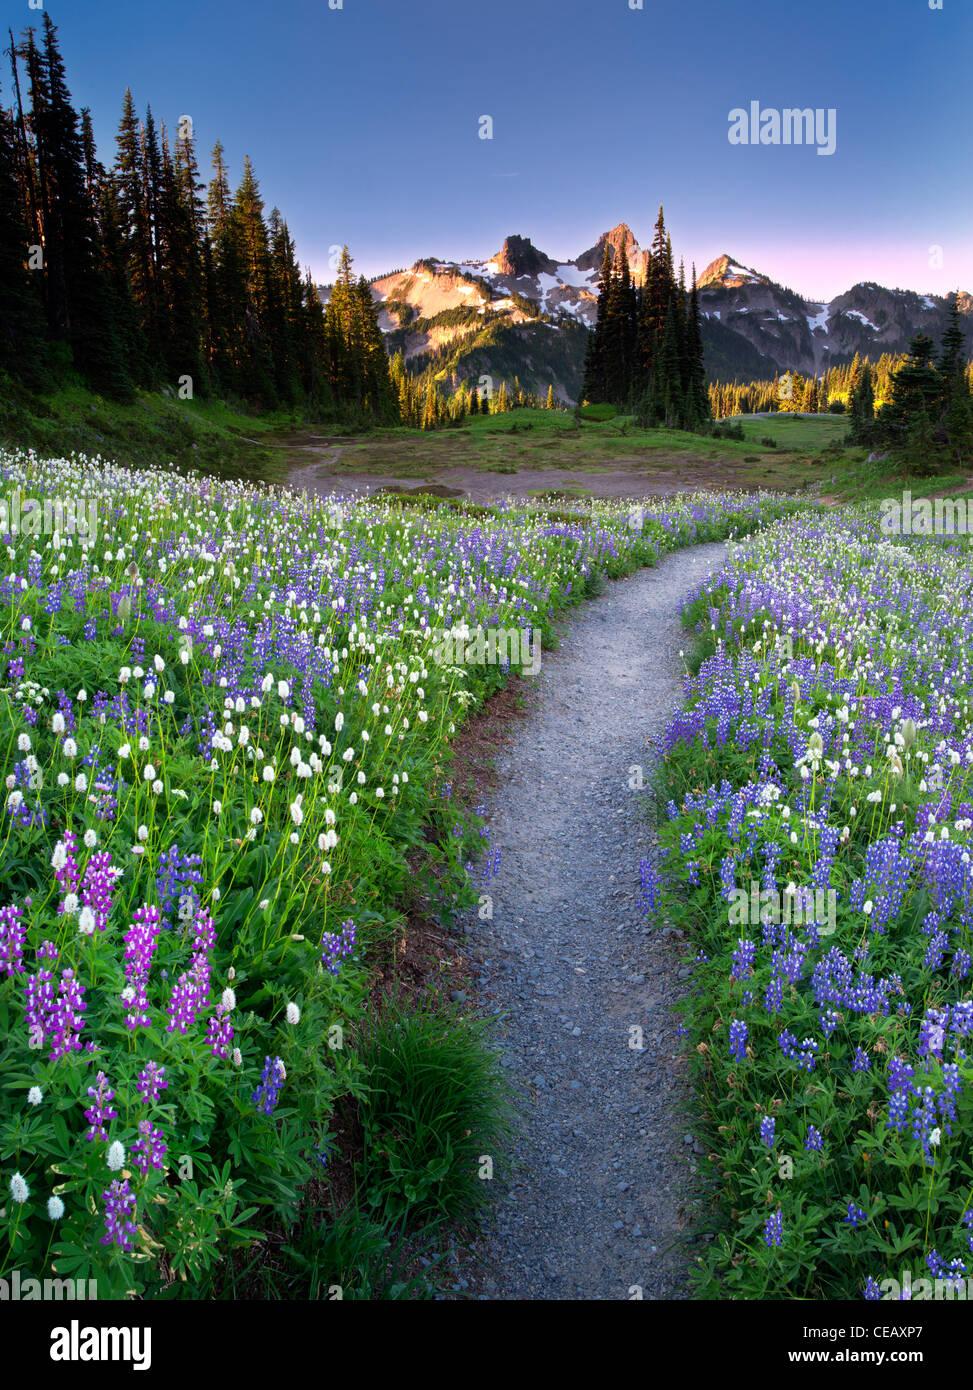 Fleurs sauvages, chemin et montagnes. Tatoosh Mt Rainier National Park, Washington Photo Stock